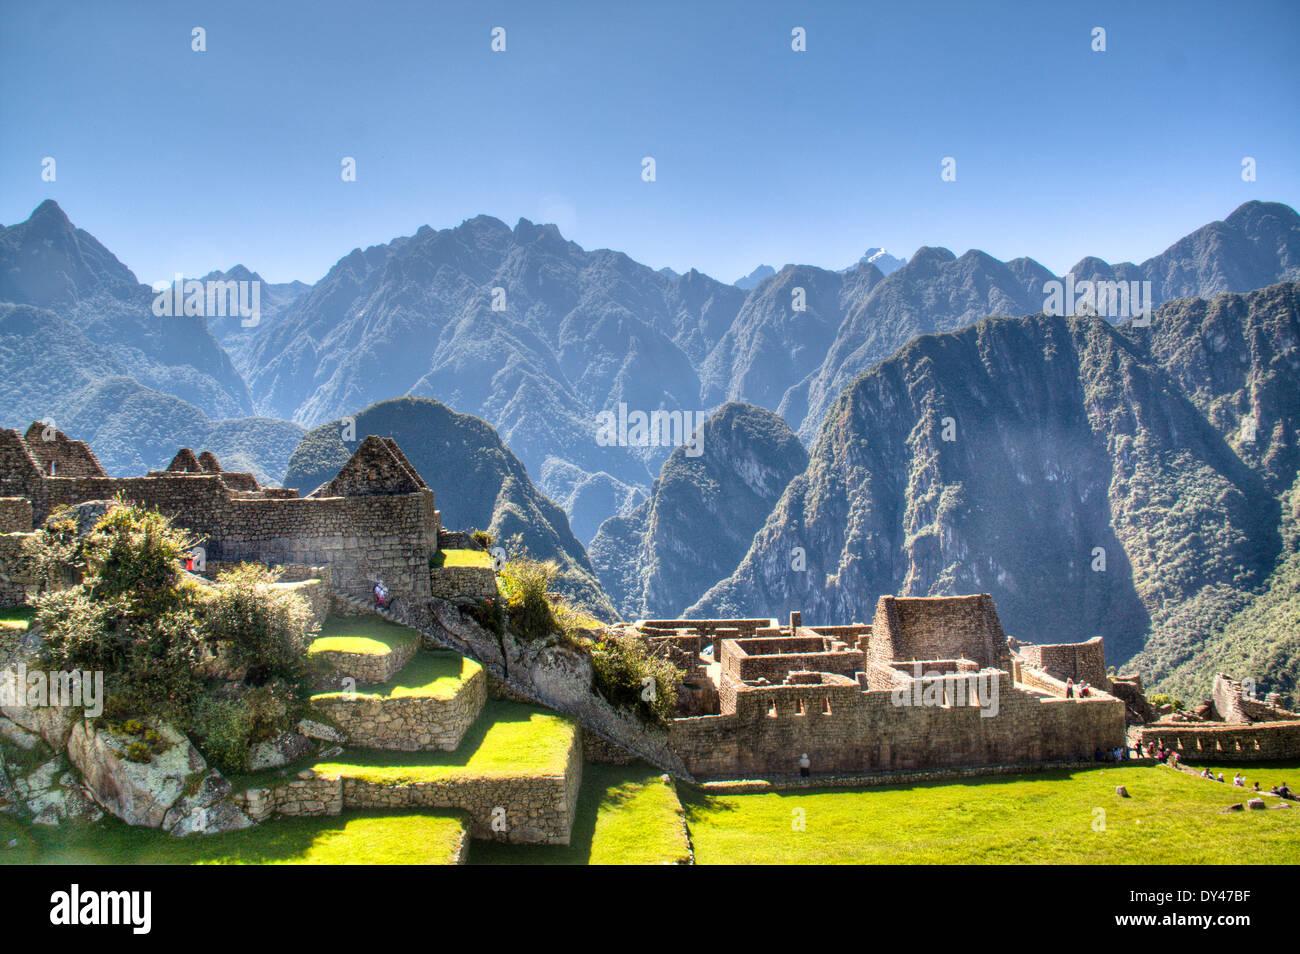 Machu Picchu en el valle sagrado de los Incas del Perú Imagen De Stock